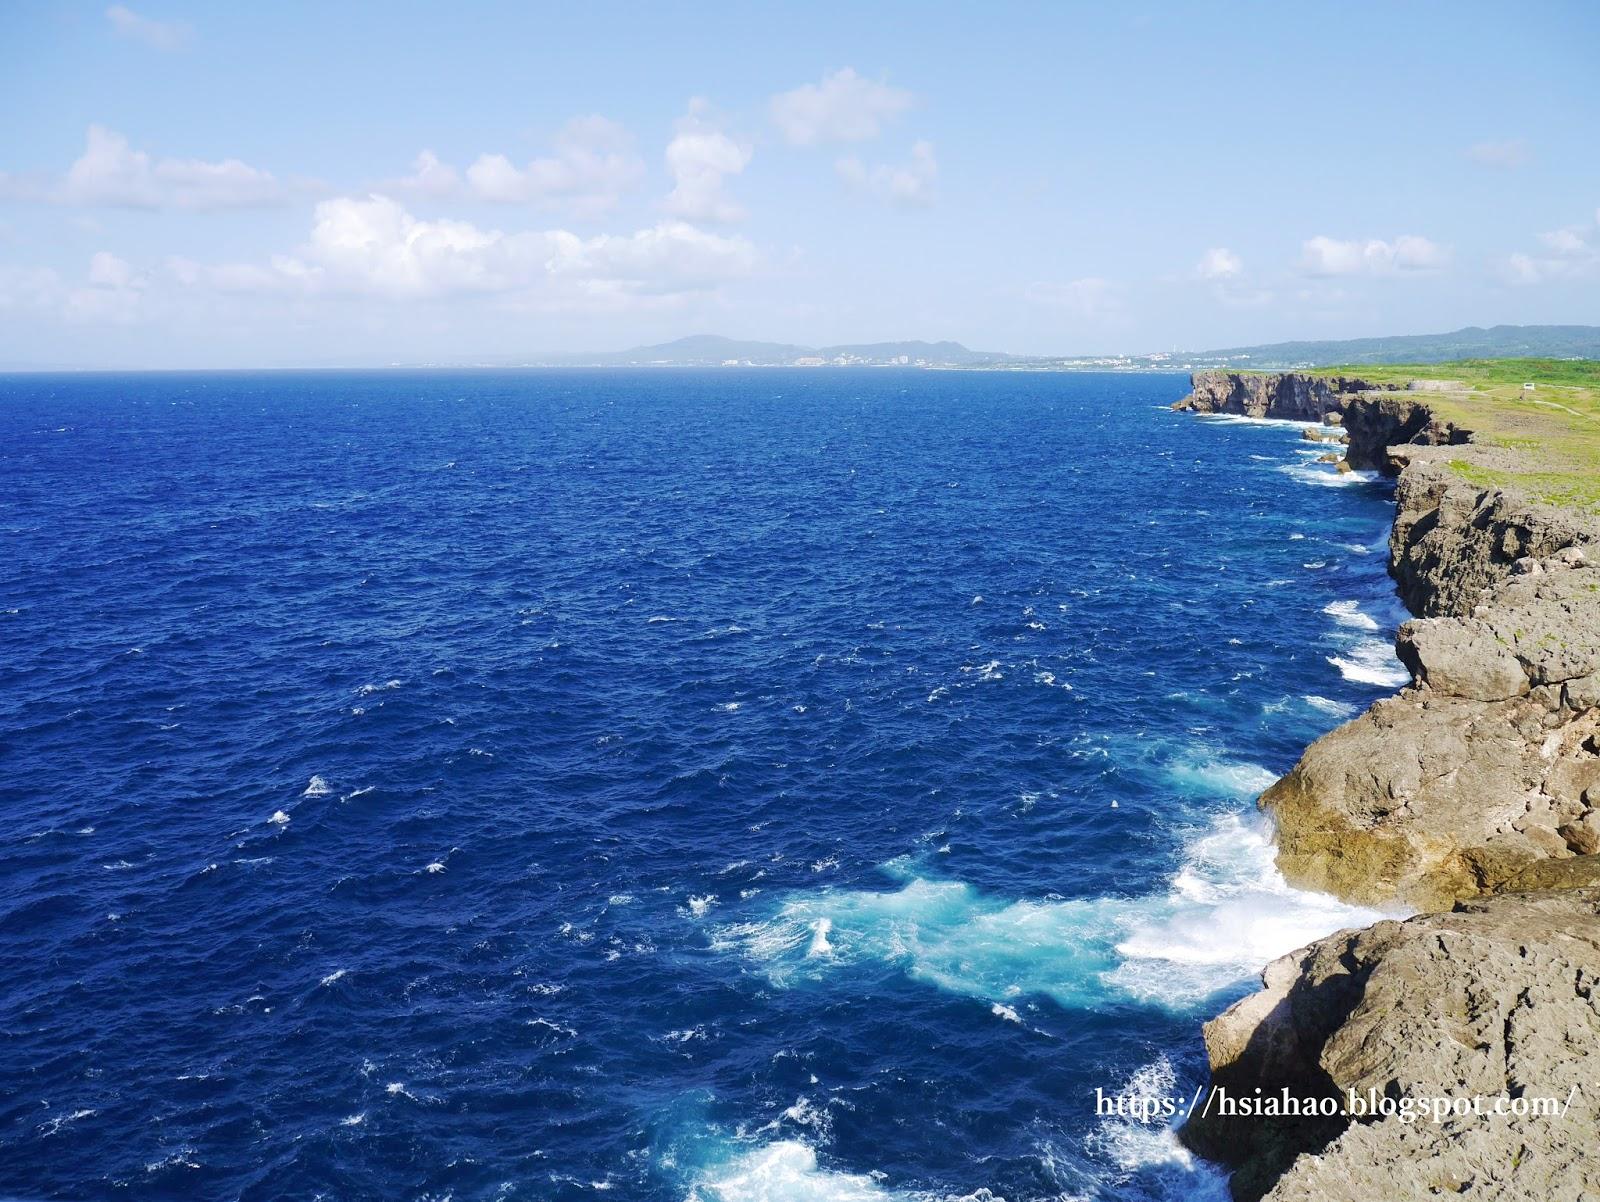 沖繩-景點-推薦-殘波岬-殘波岬燈塔-自由行-旅遊-Okinawa-Zanpa